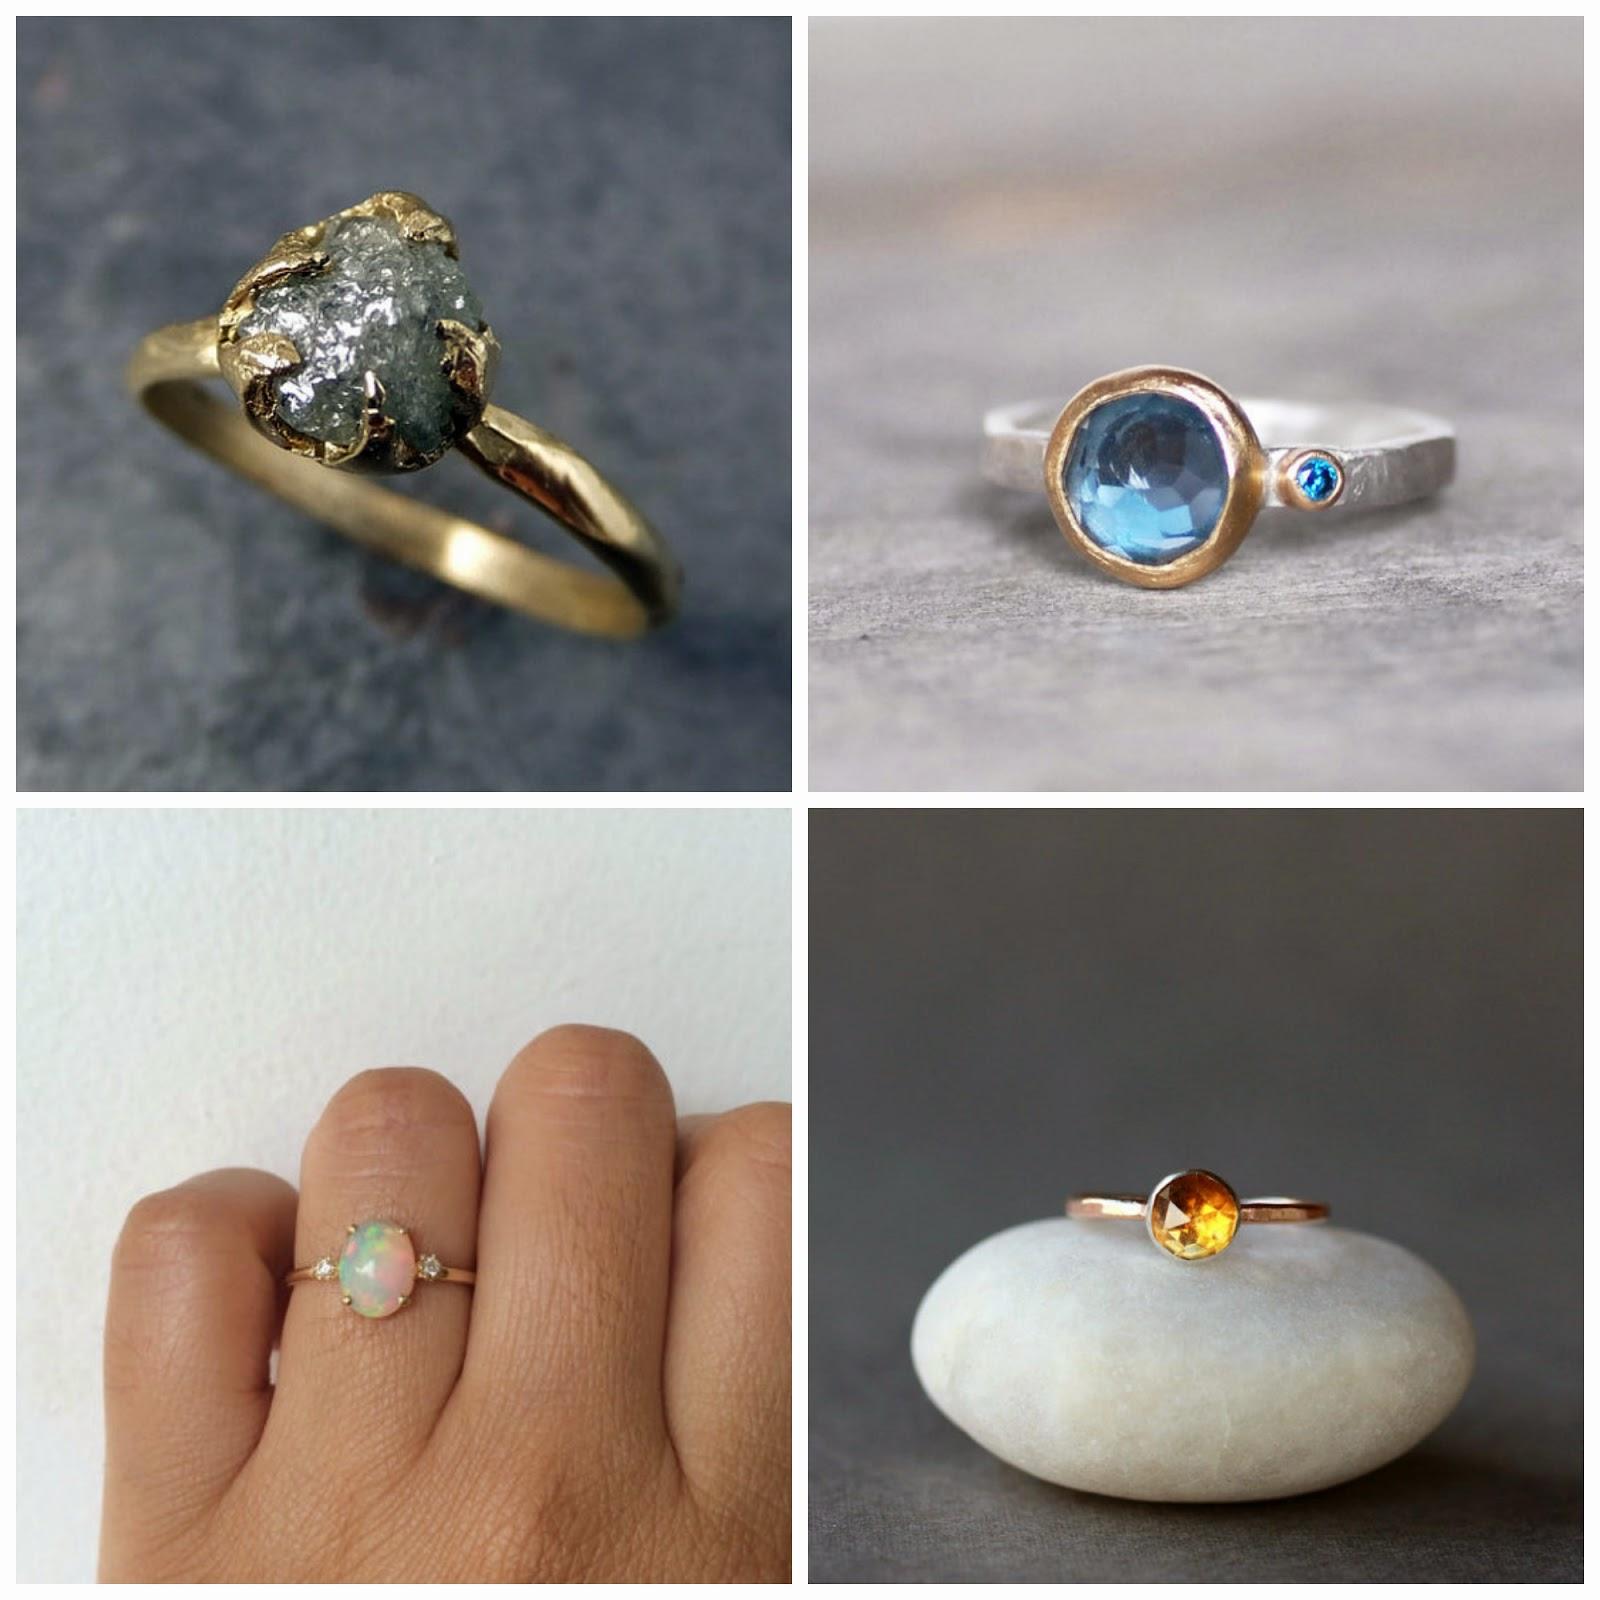 nontraditional engagement rings non traditional wedding rings Bottom left charlieandmarcelle opal diamond 14k gold Bottom right ShopClementine citrine 14k gold